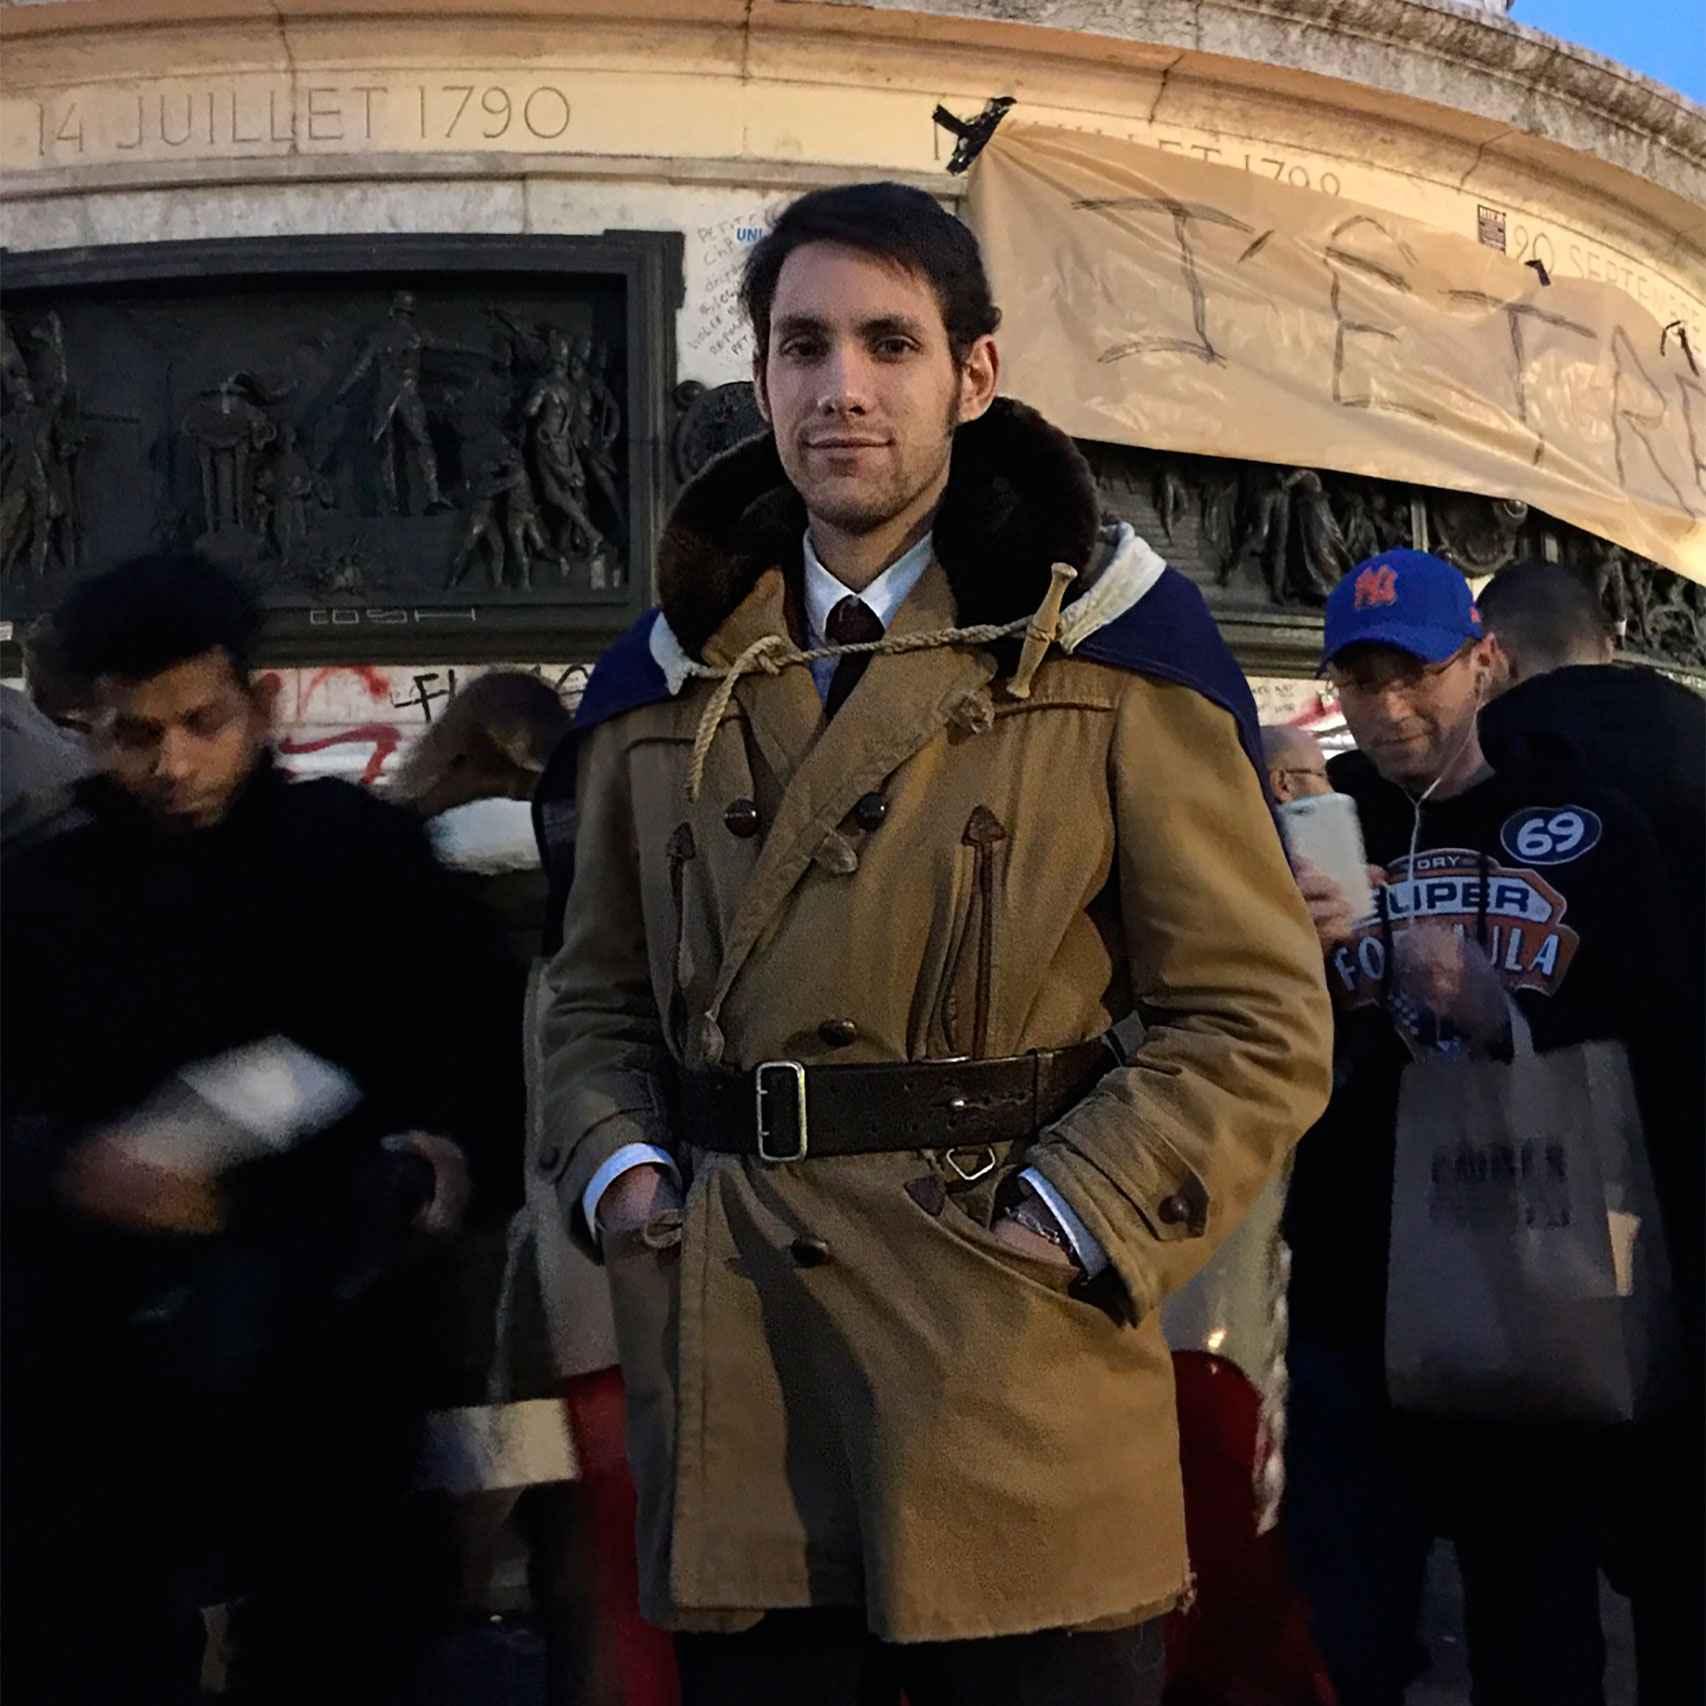 Un parisino en la plaza de la República.